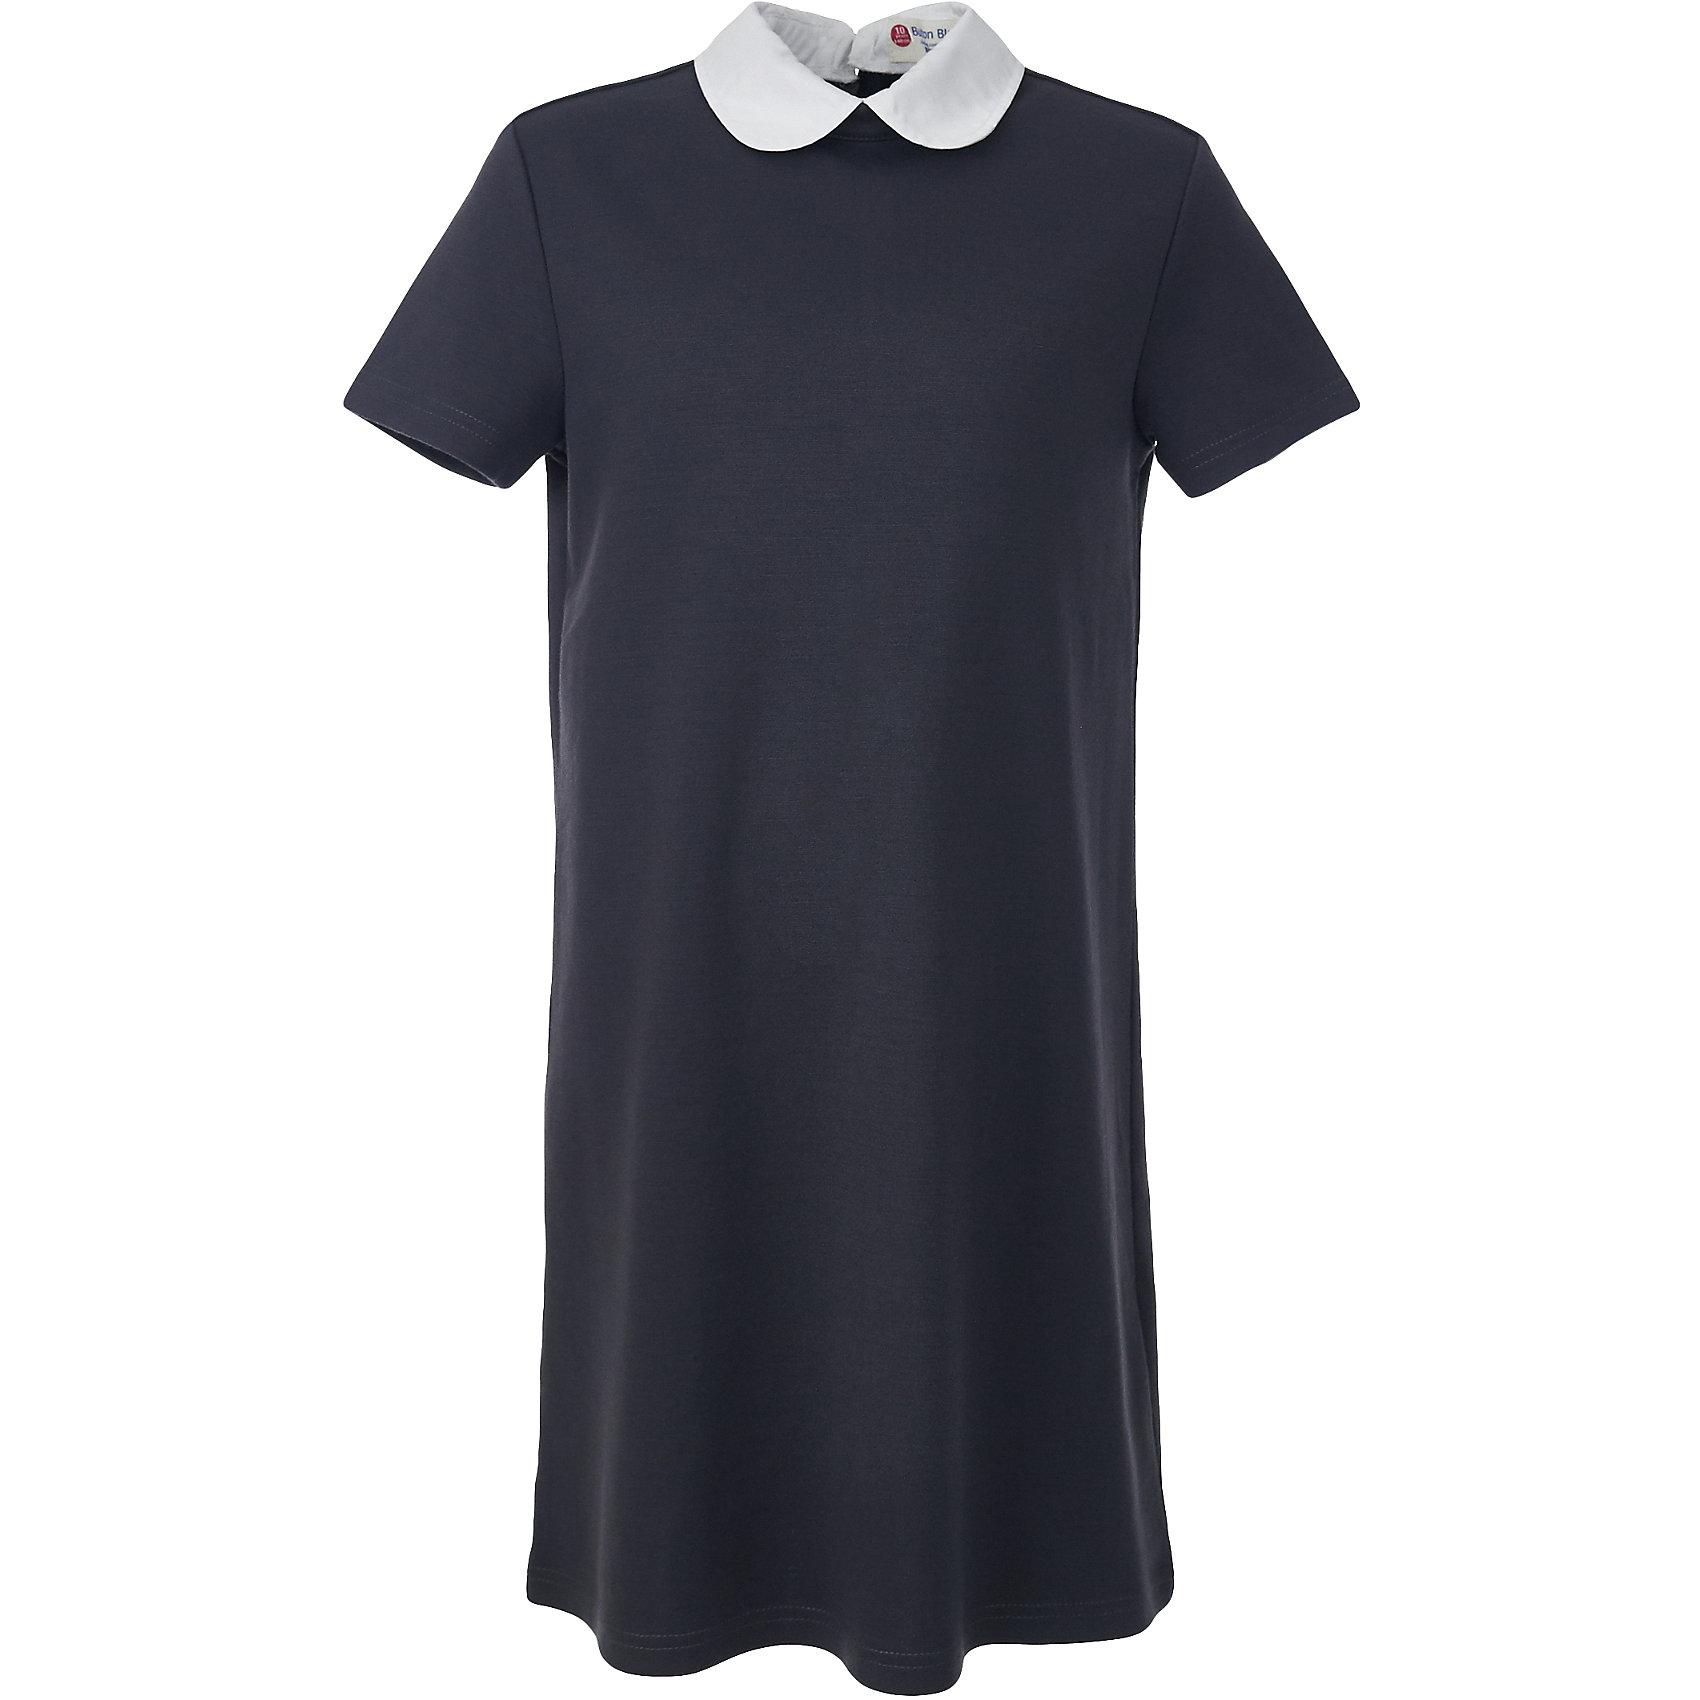 Платье для девочки BUTTON BLUEПлатья и сарафаны<br>Платье для девочки BUTTON BLUE<br>Школьные платья делают образ ученицы серьезным и элегантным. Если вы хотите купить  универсальную вещь и на каждый день, и для торжественного случая, вам стоит купить школьное платье. Трикотажное школьное платье для девочек обеспечит уют, свободу движений, удобство в повседневной носке. Белый воротник подчеркнет строгость модели и нежность ее обладательницы.<br>Состав:<br>75% полиэстер,              21% вискоза,                           4% эластан<br><br>Ширина мм: 236<br>Глубина мм: 16<br>Высота мм: 184<br>Вес г: 177<br>Цвет: серый<br>Возраст от месяцев: 72<br>Возраст до месяцев: 84<br>Пол: Женский<br>Возраст: Детский<br>Размер: 122,128,134,140,146,152,158,164<br>SKU: 6739393